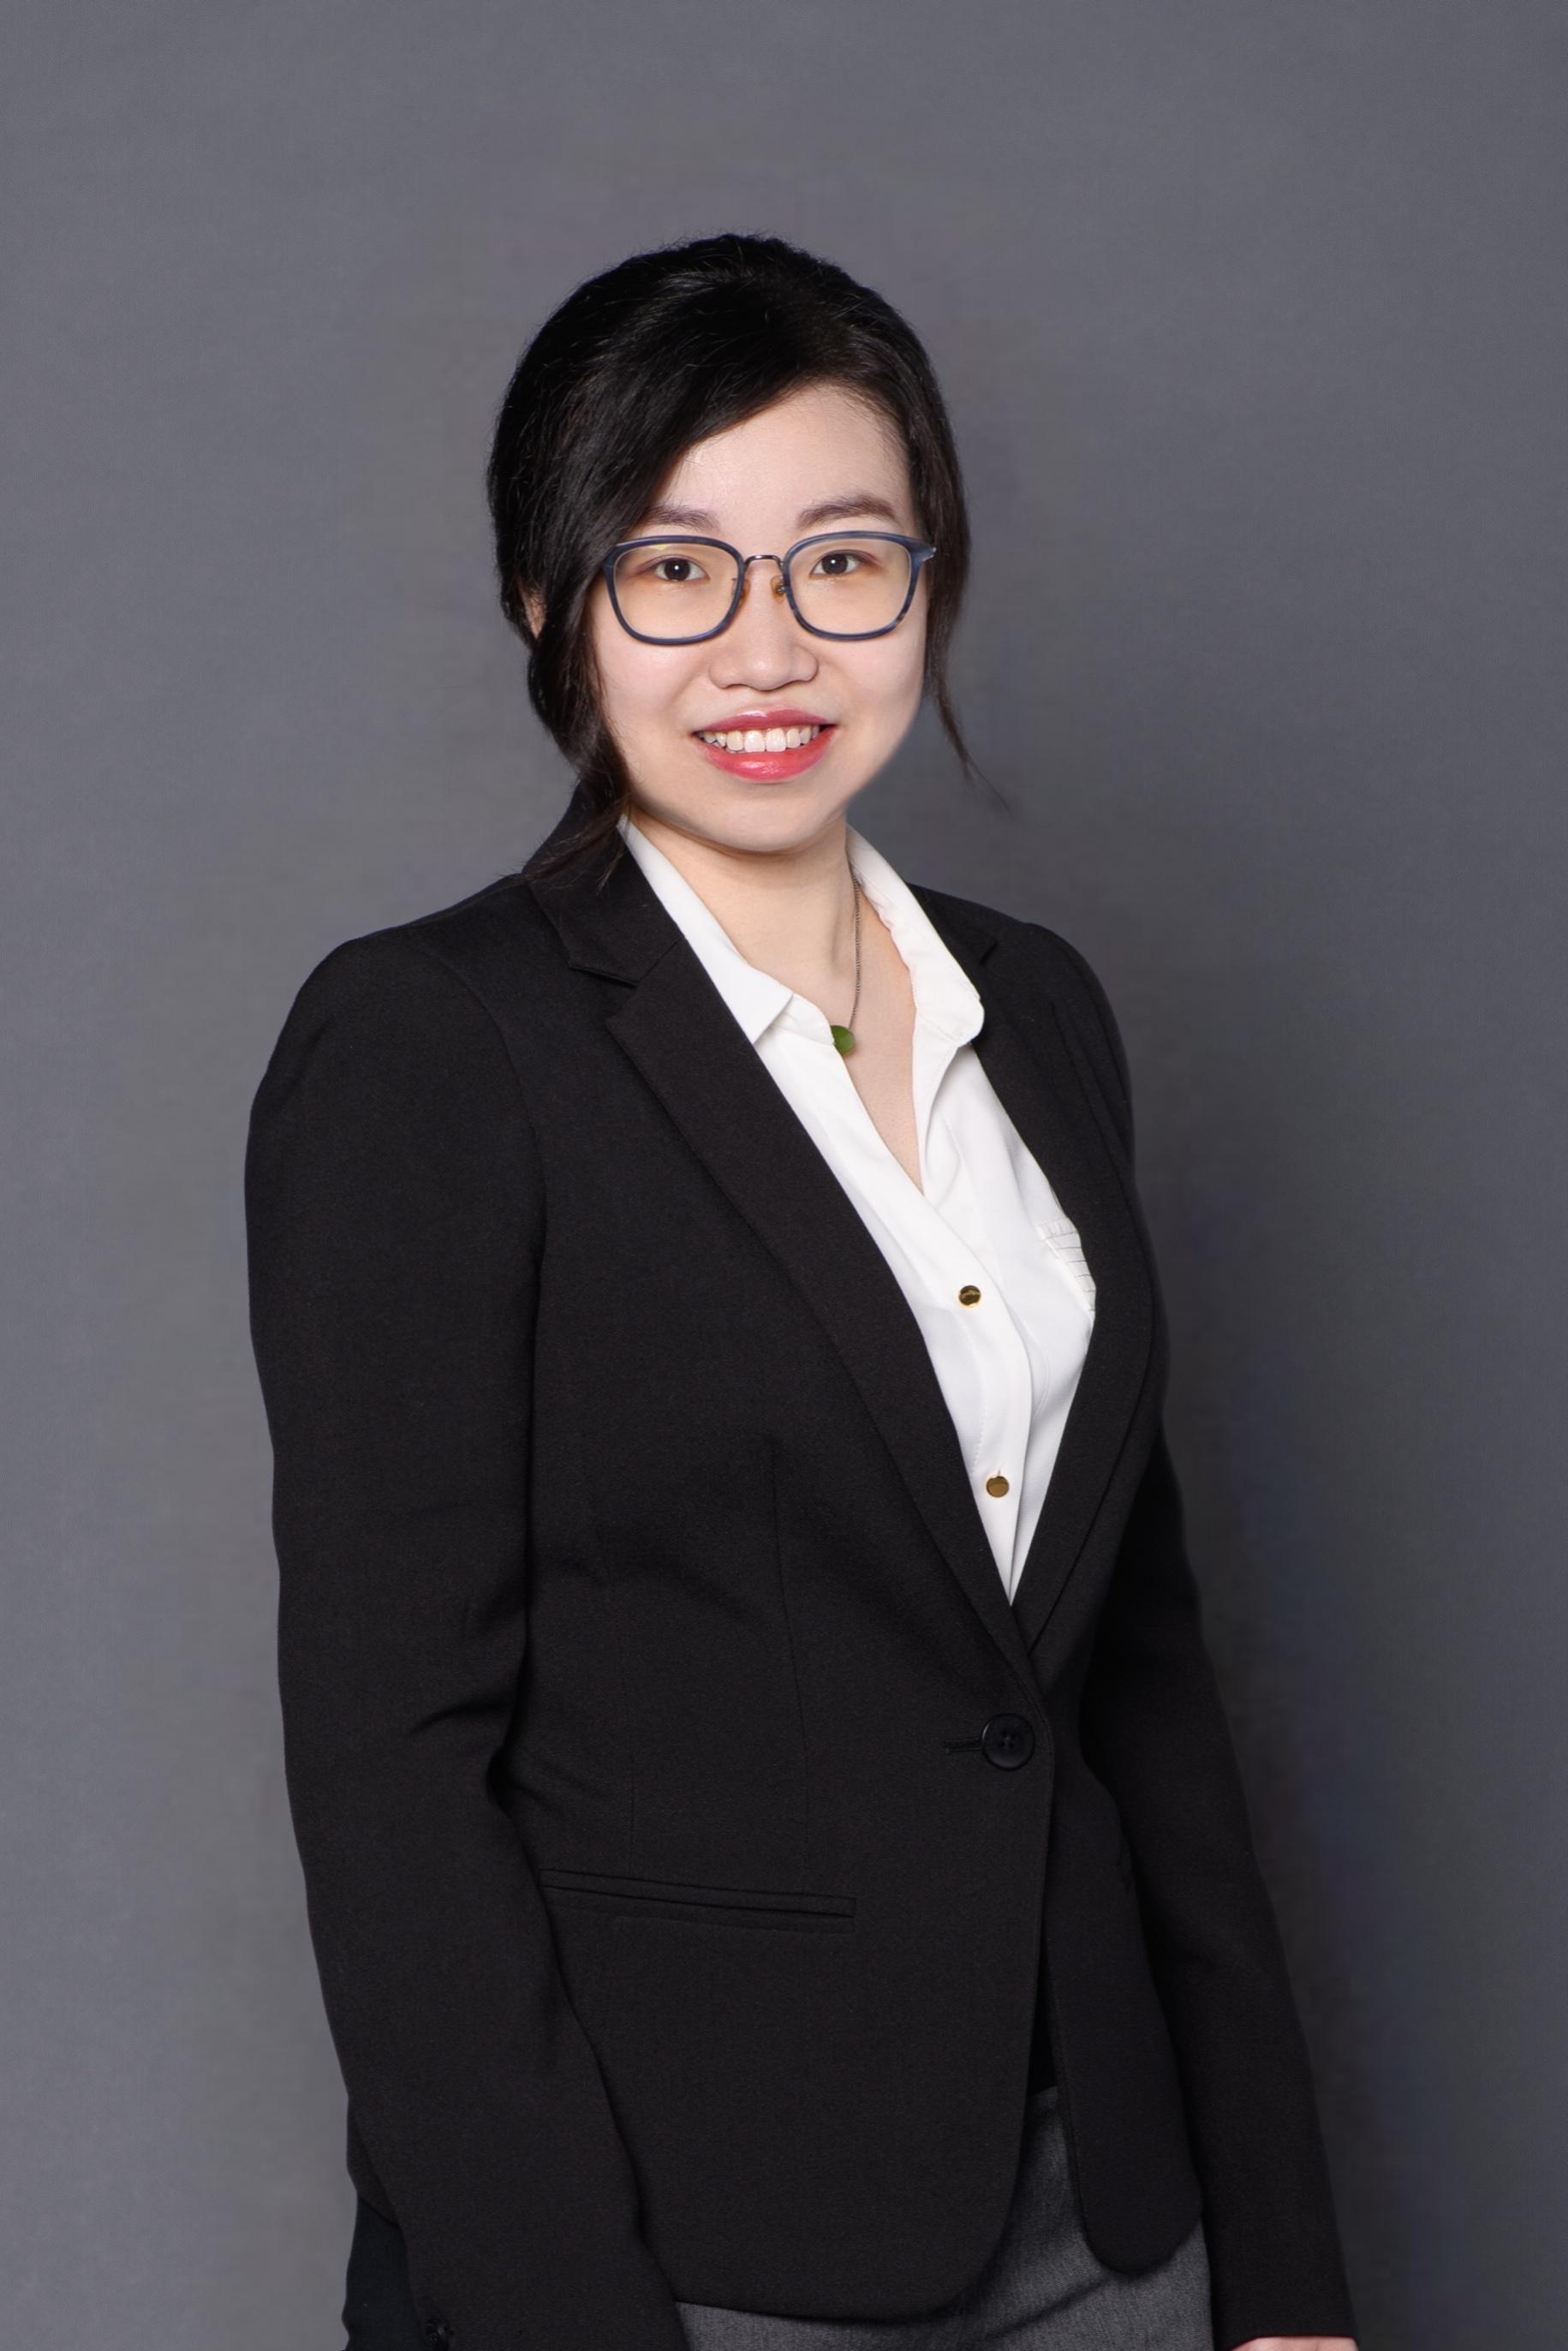 Yolanda Xue